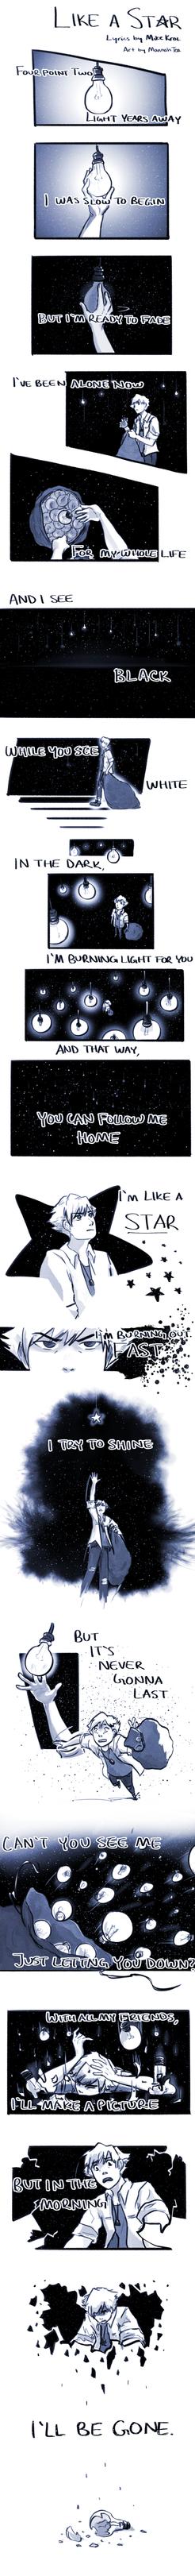 Like a Star by KuroRyu15